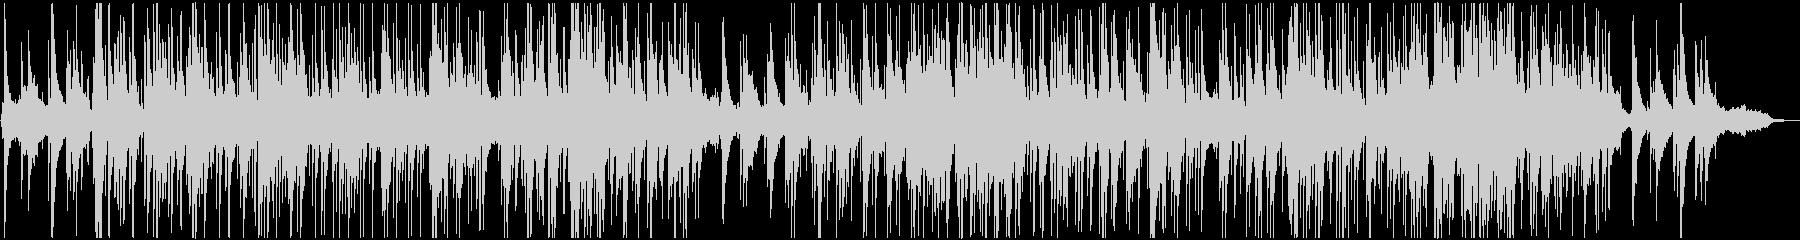 甘く切ない時間を演出するピアノバラードの未再生の波形